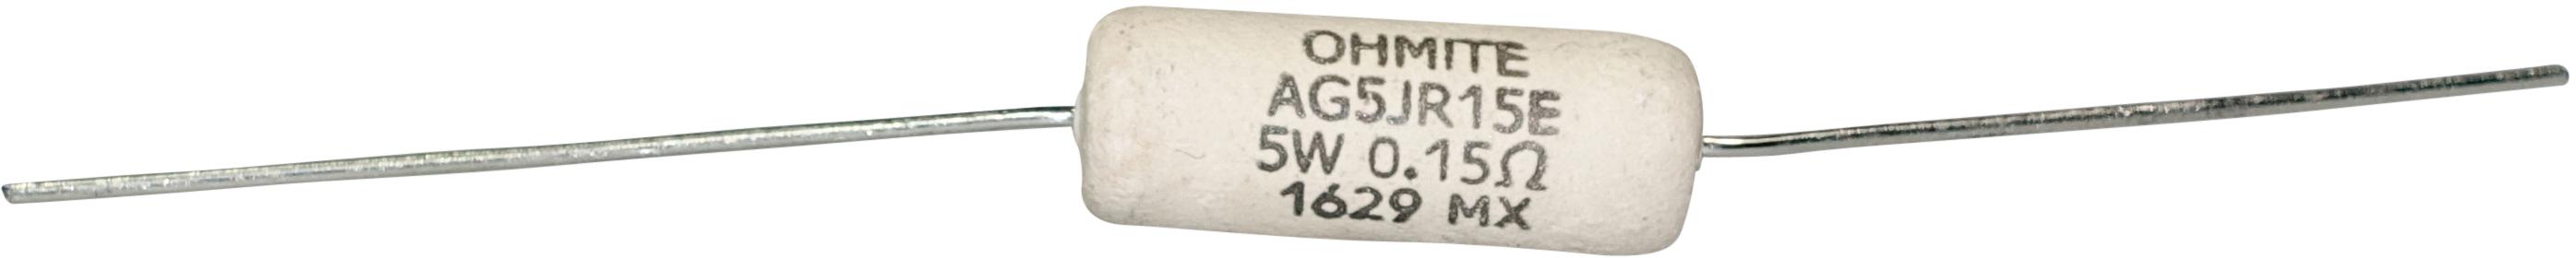 Ohmite Audio Gold 5W - 0,39 Ohm